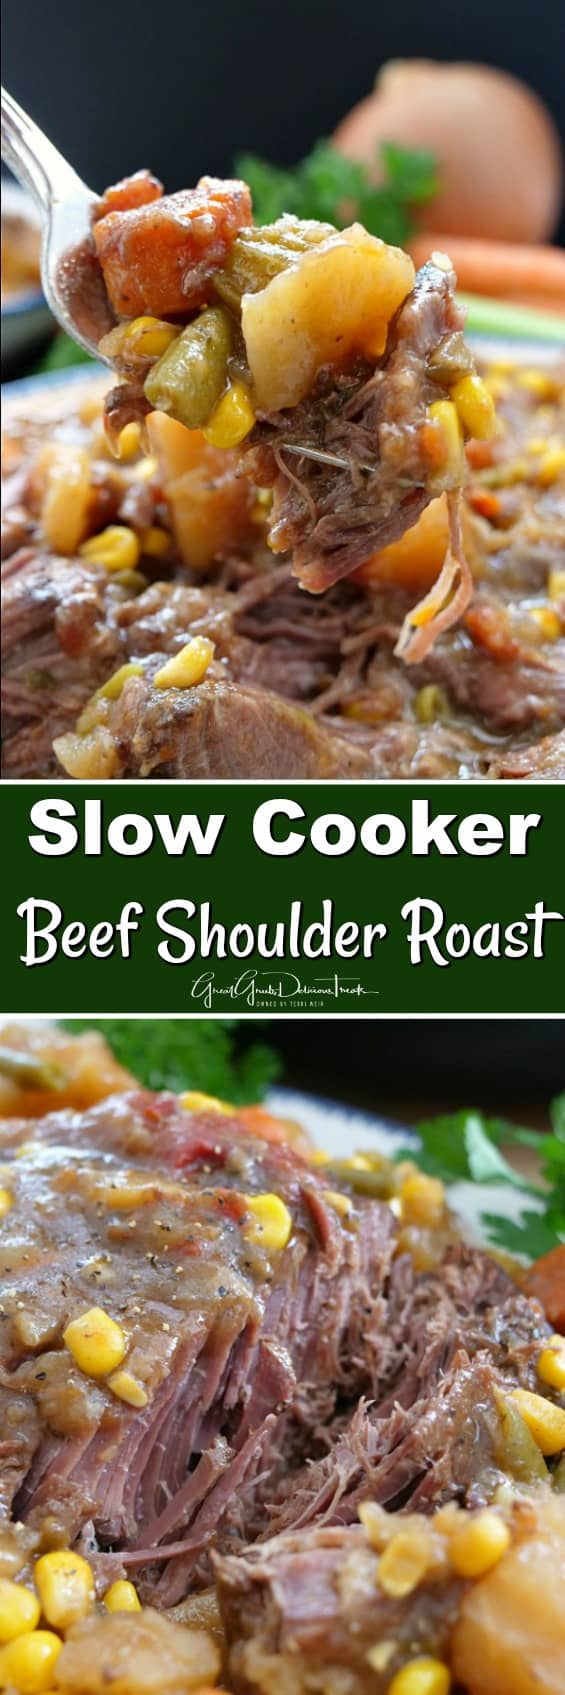 how to cook beef chuck shoulder roast